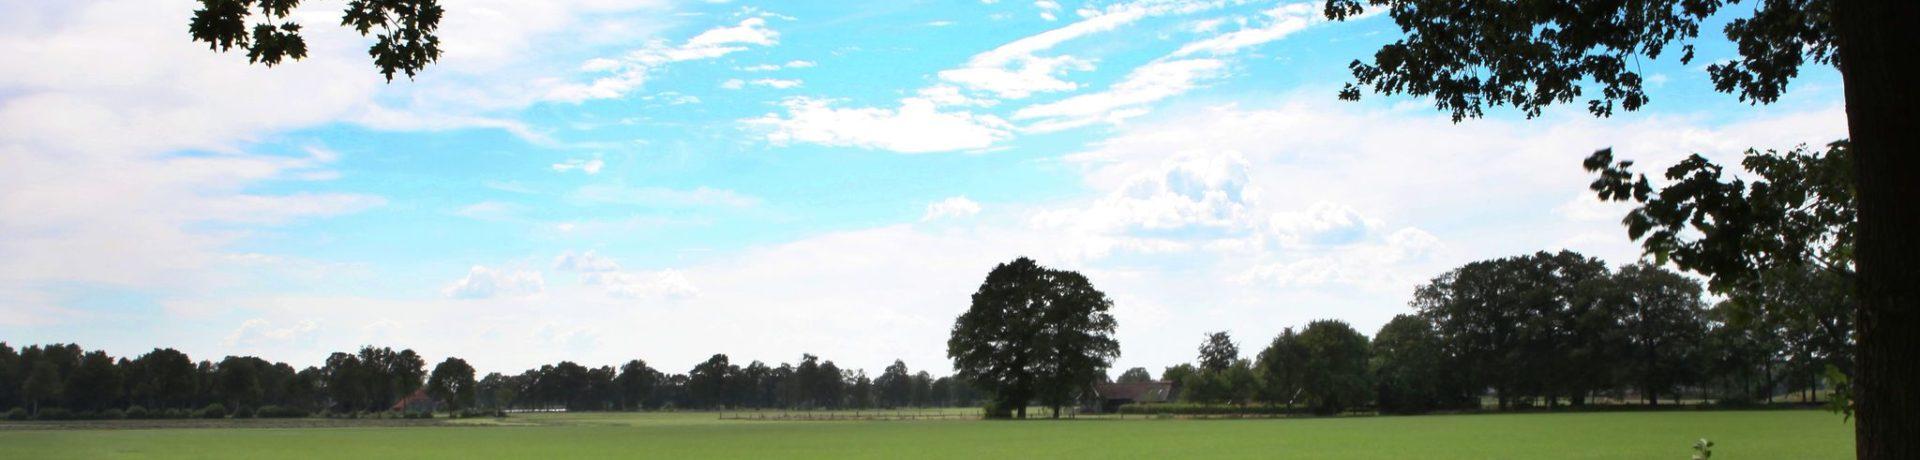 Heerlijke groene camping op het boerenland van de Achterhoek bij het mooie stadje Lochem in de leuke provincie Gelderland.